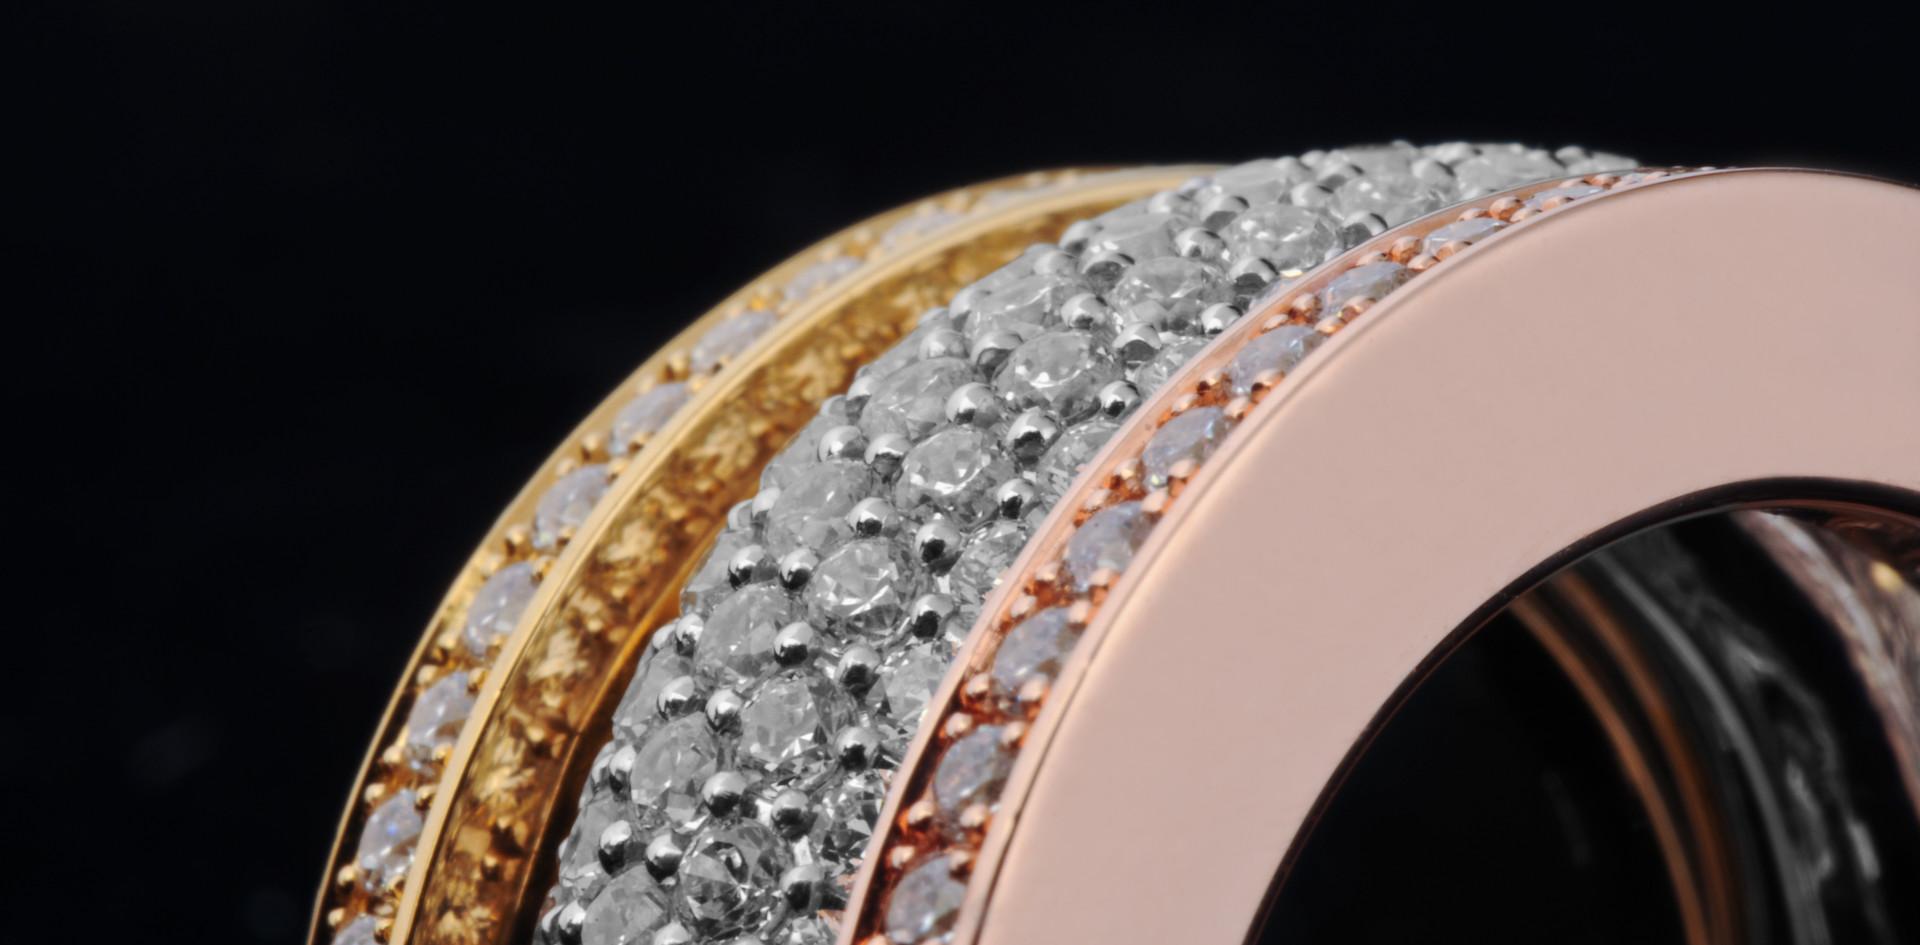 bijoux-Nat-529 - Copie.jpg